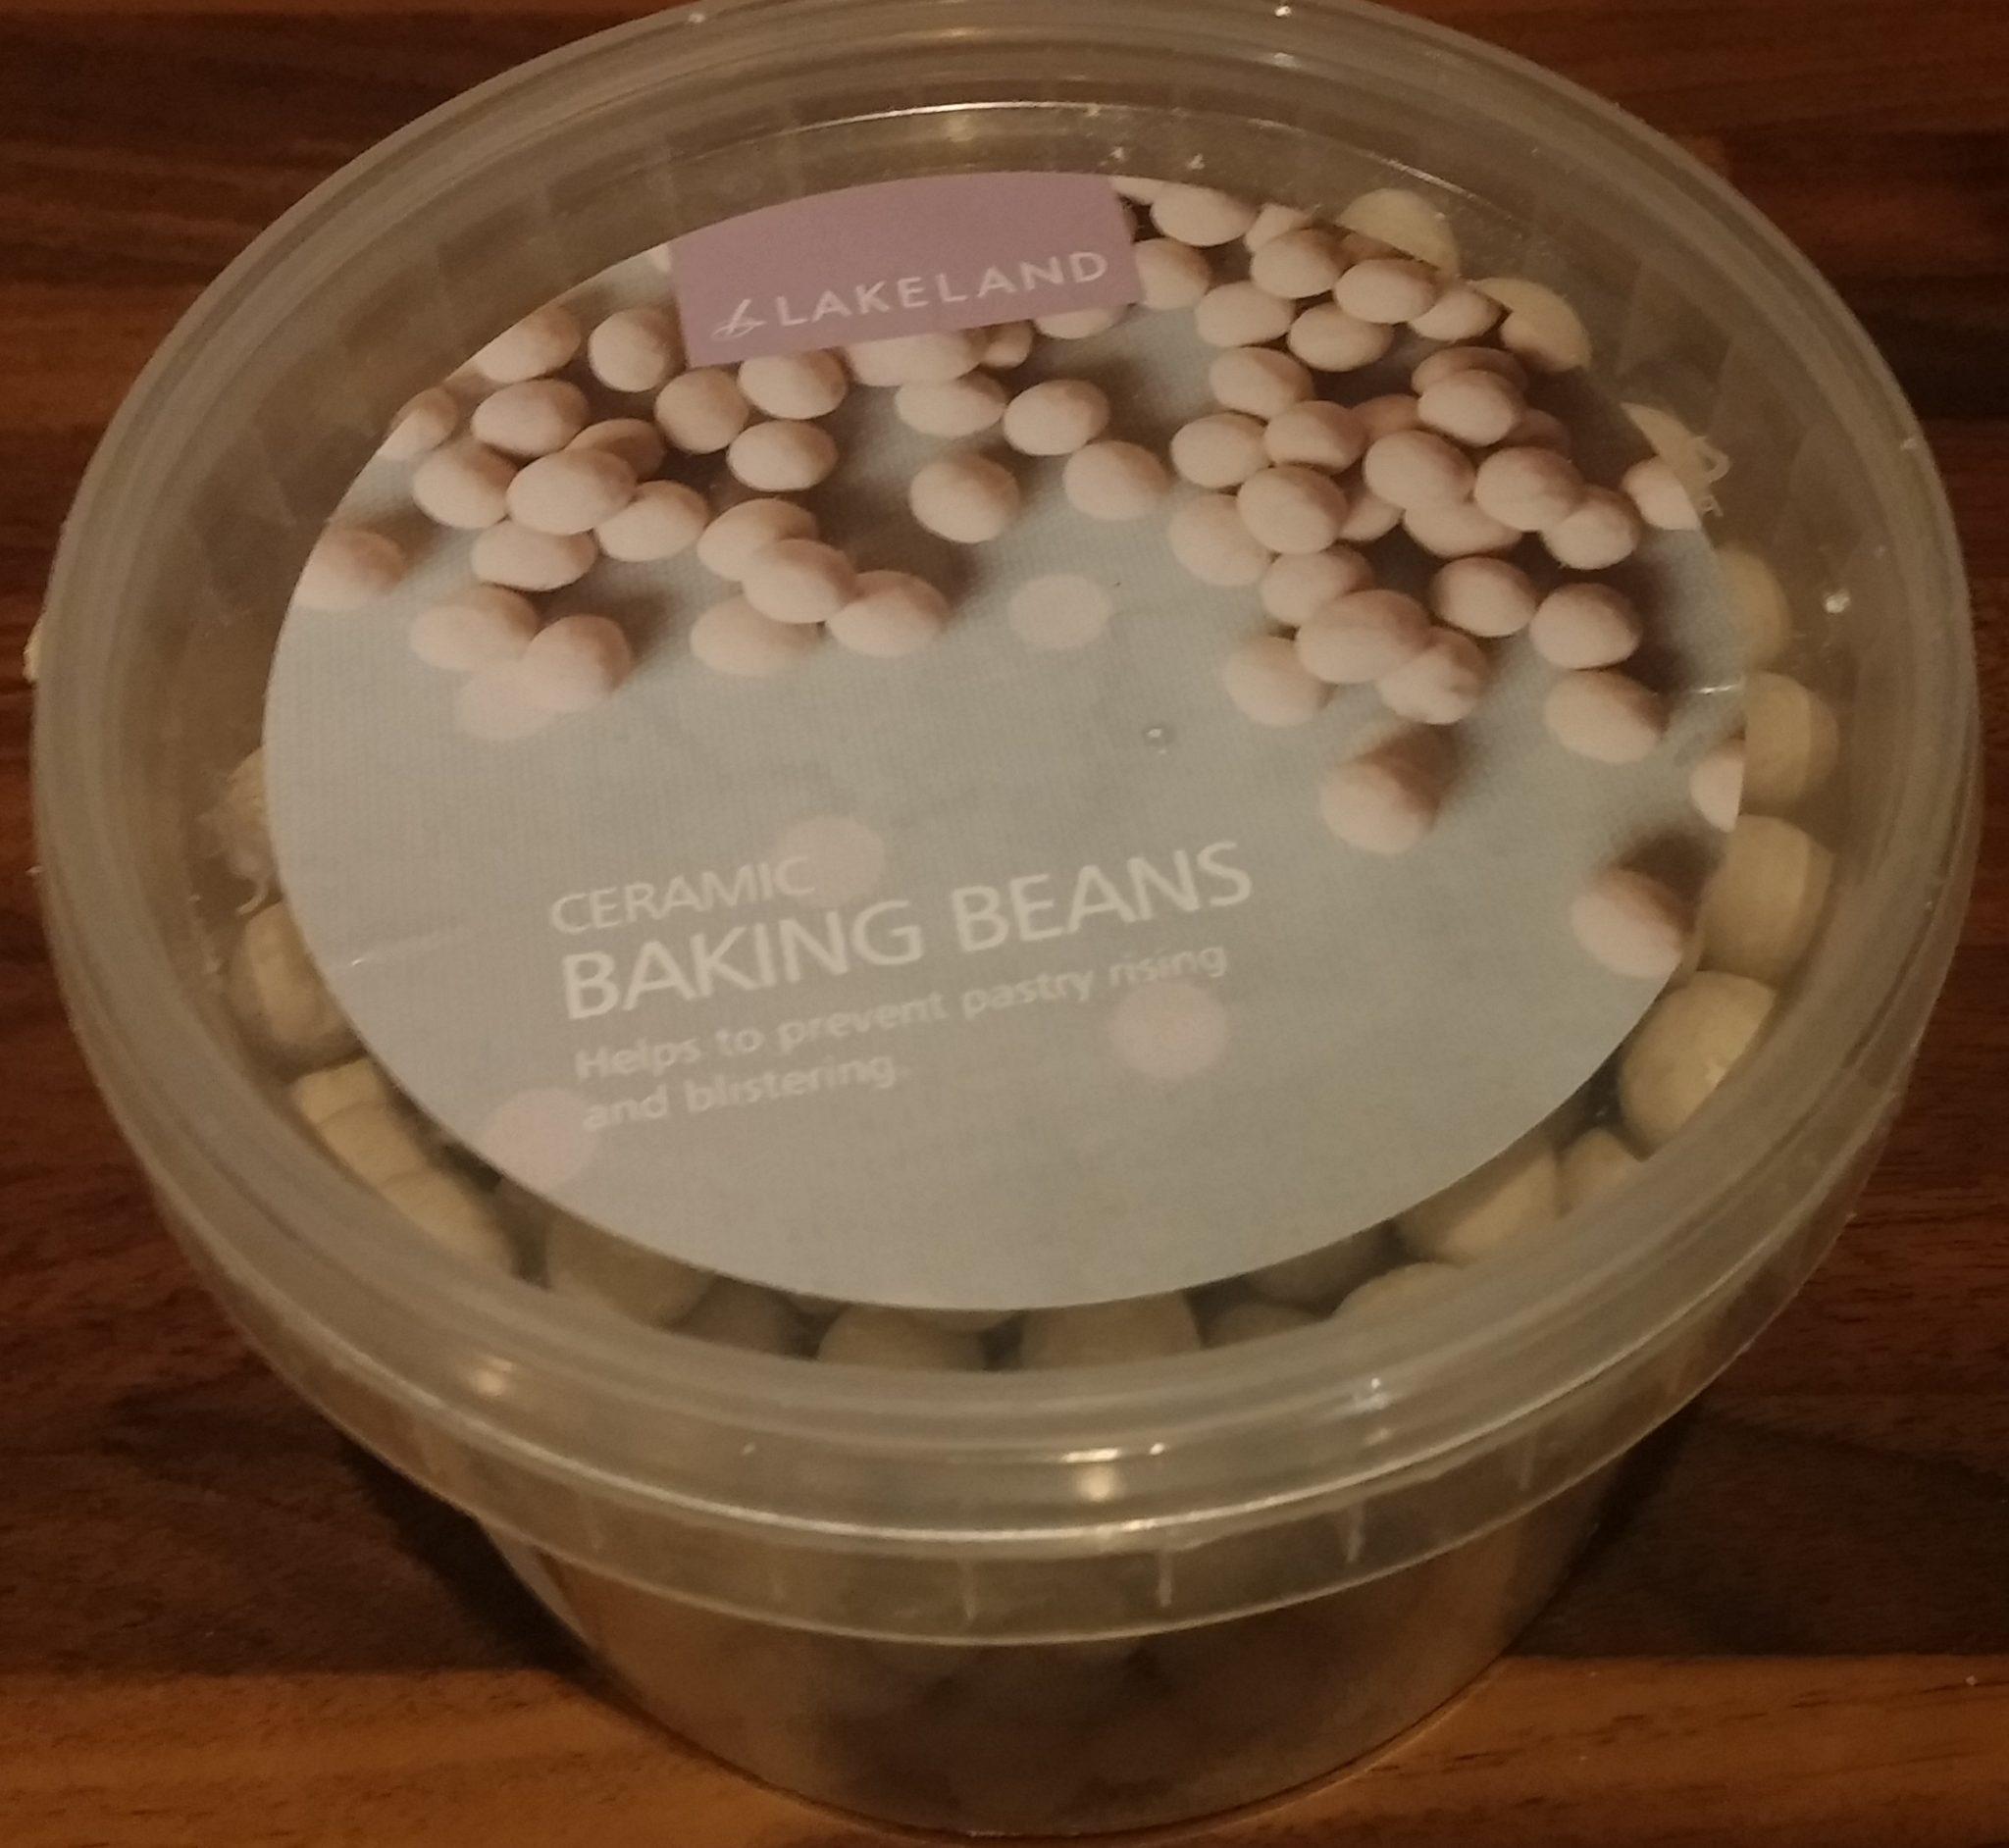 Lakeland baking beans